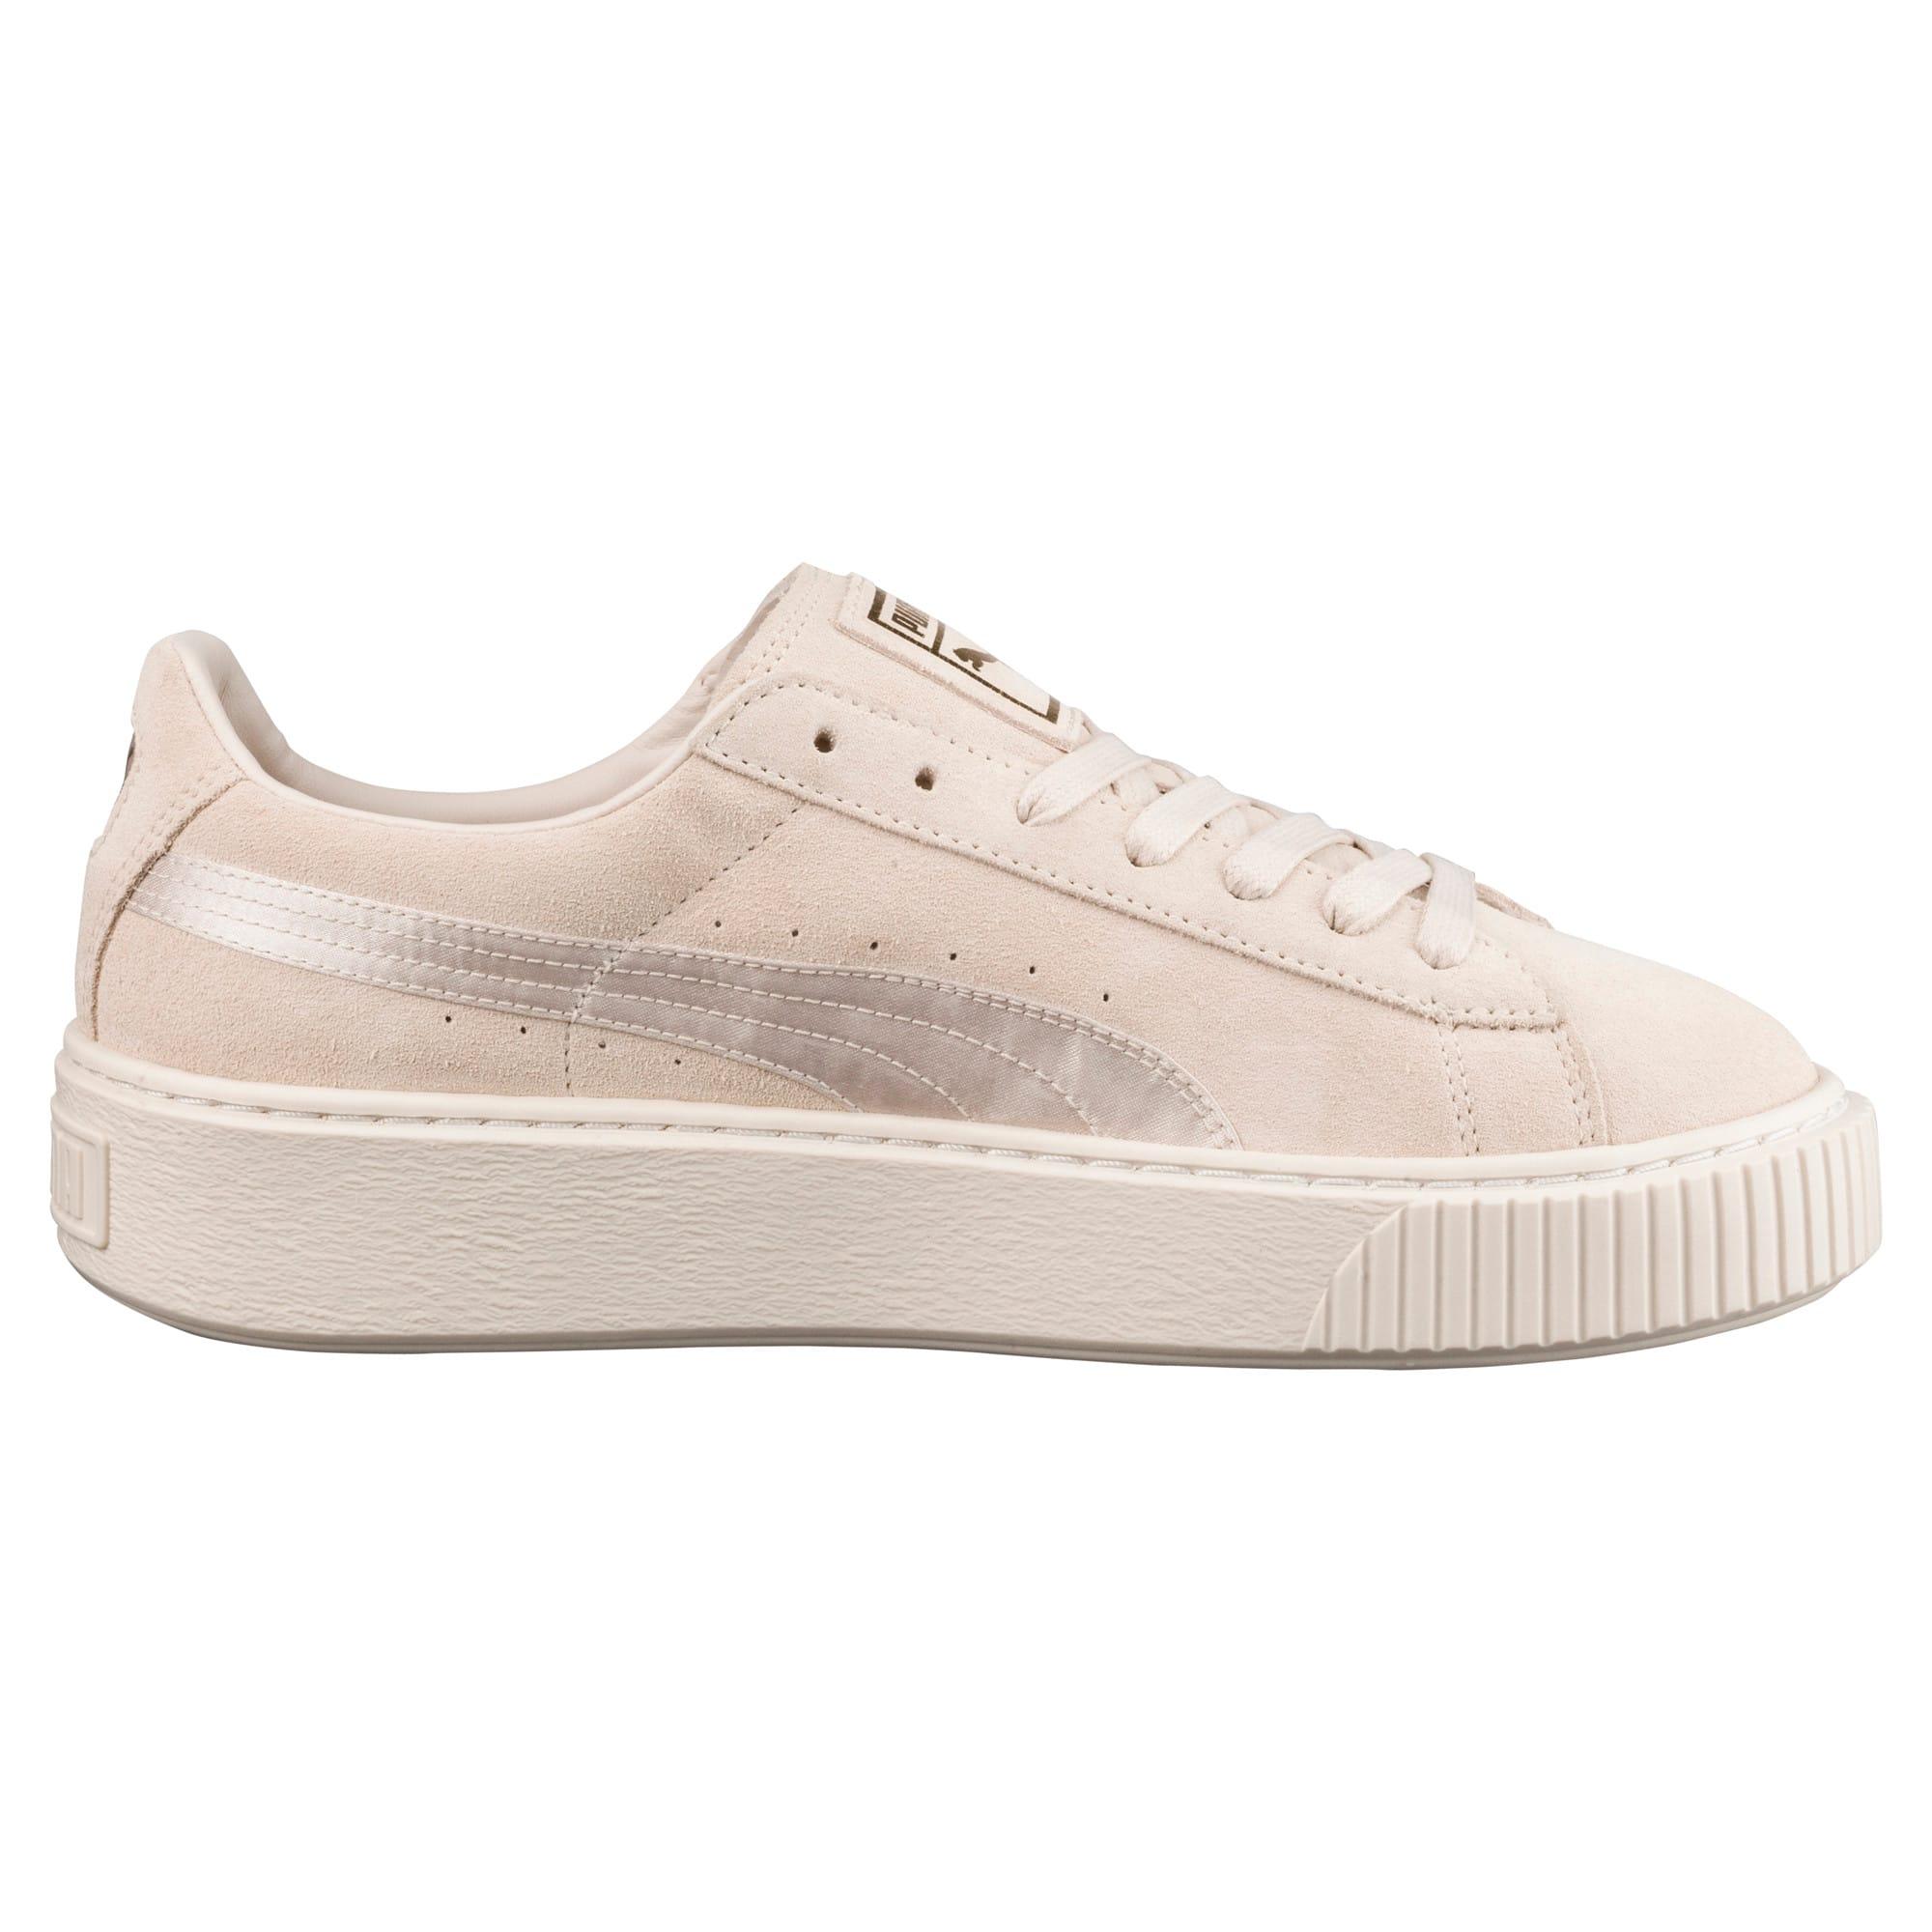 Thumbnail 3 of Suede Summer Satin Platform Sneakers, Pink Tint-Whisper White-Gold, medium